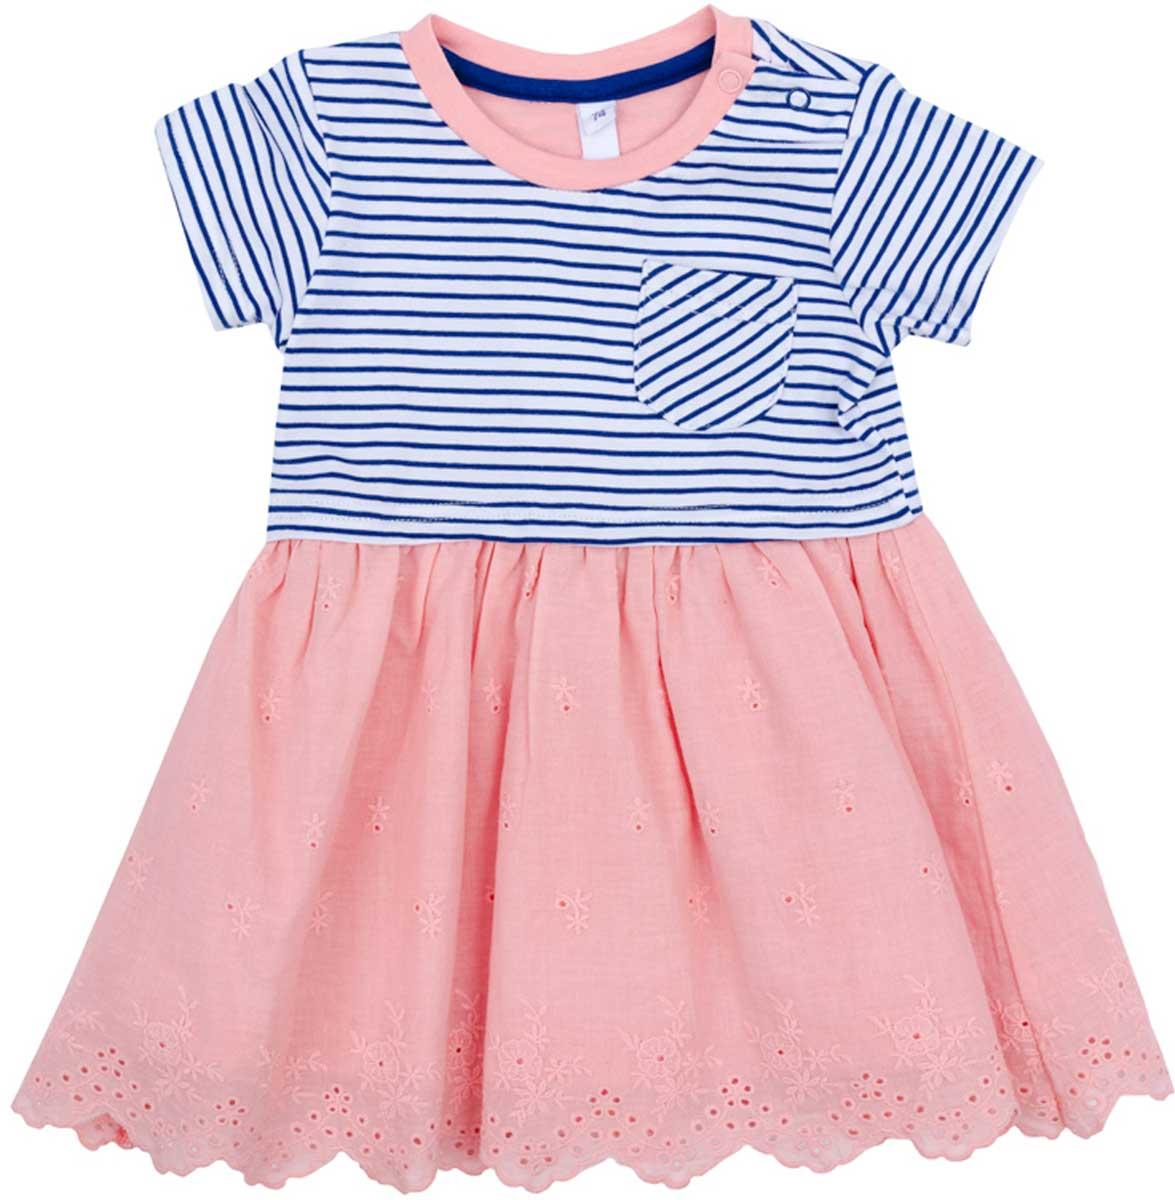 Платье для девочки PlayToday, цвет: розовый, серый, белый. 178060. Размер 74178060Платье PlayToday, отрезное по талии, с округлым вырезом у горловины, понравится вашей моднице. Свободный крой не сковывает движений. Приятная на ощупь ткань не раздражает нежную кожу ребенка. Модель декорирована небольшим аккуратным карманом.